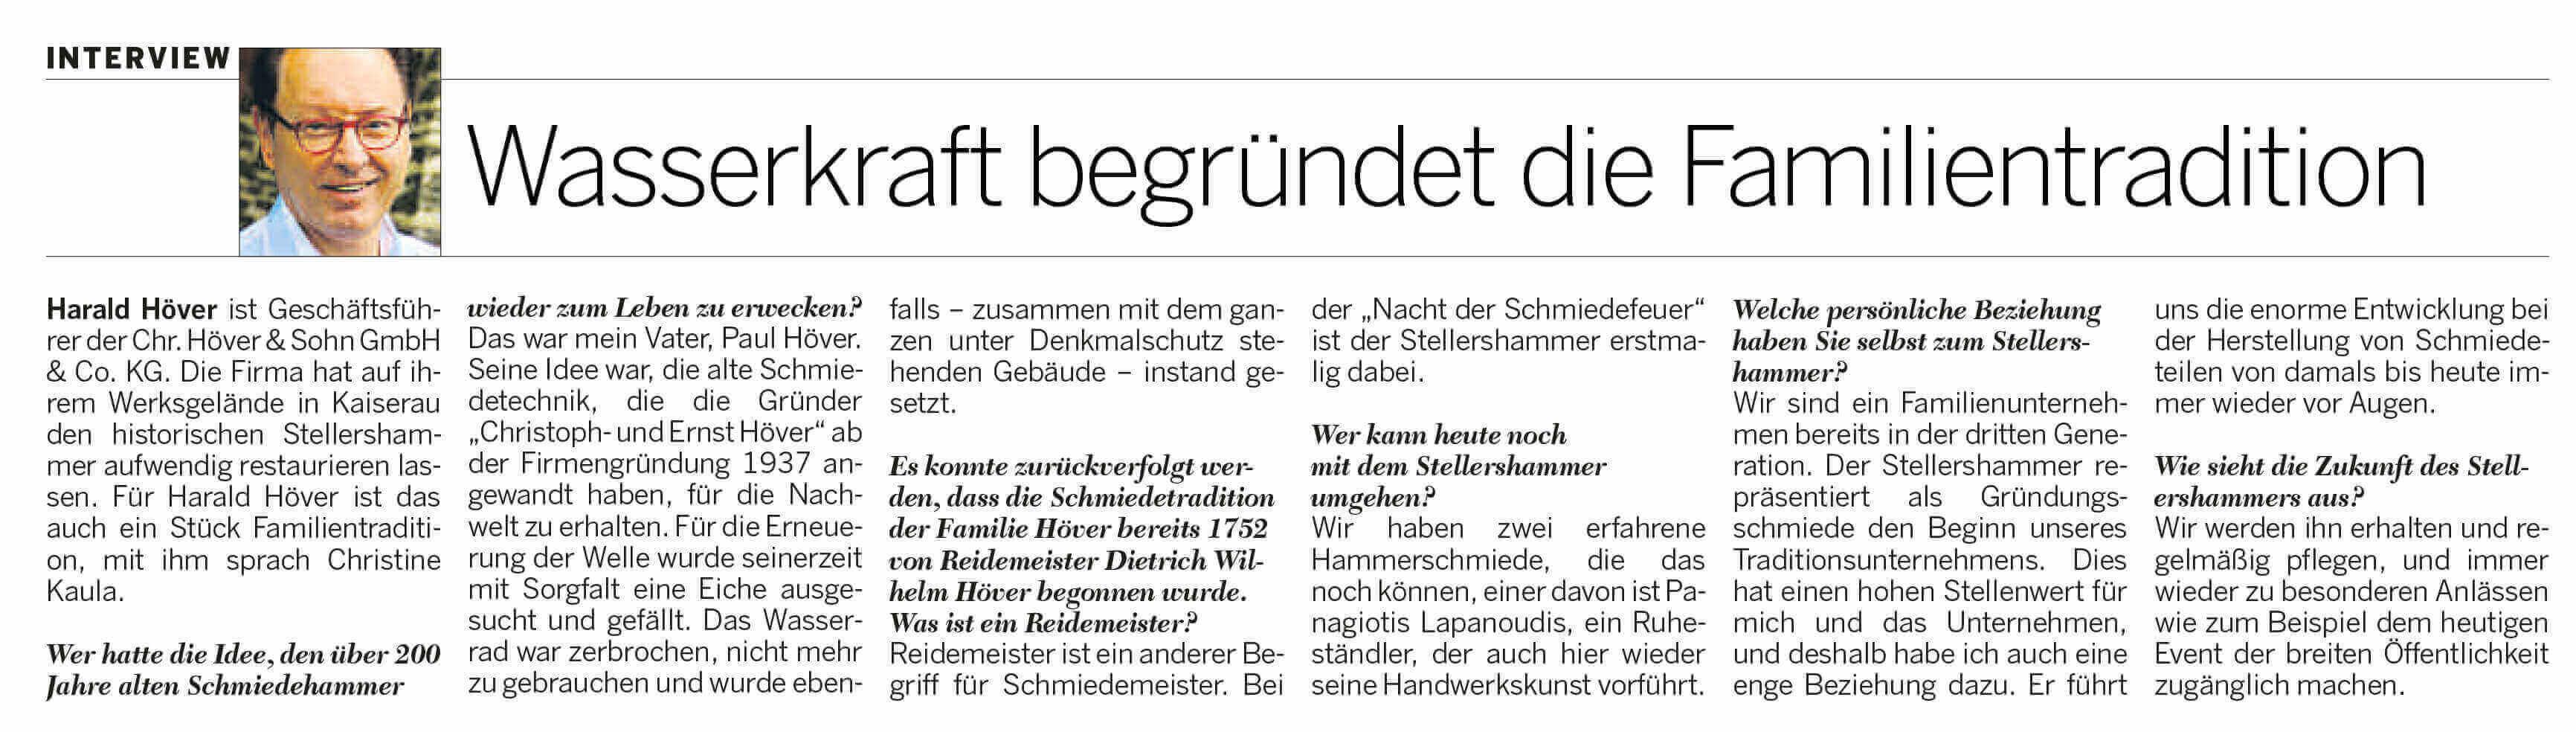 Artikel Nacht der Schmiedefeuer 2014 - 200 Jahre alter Schmiedehammer wieder zum Leben erweckt